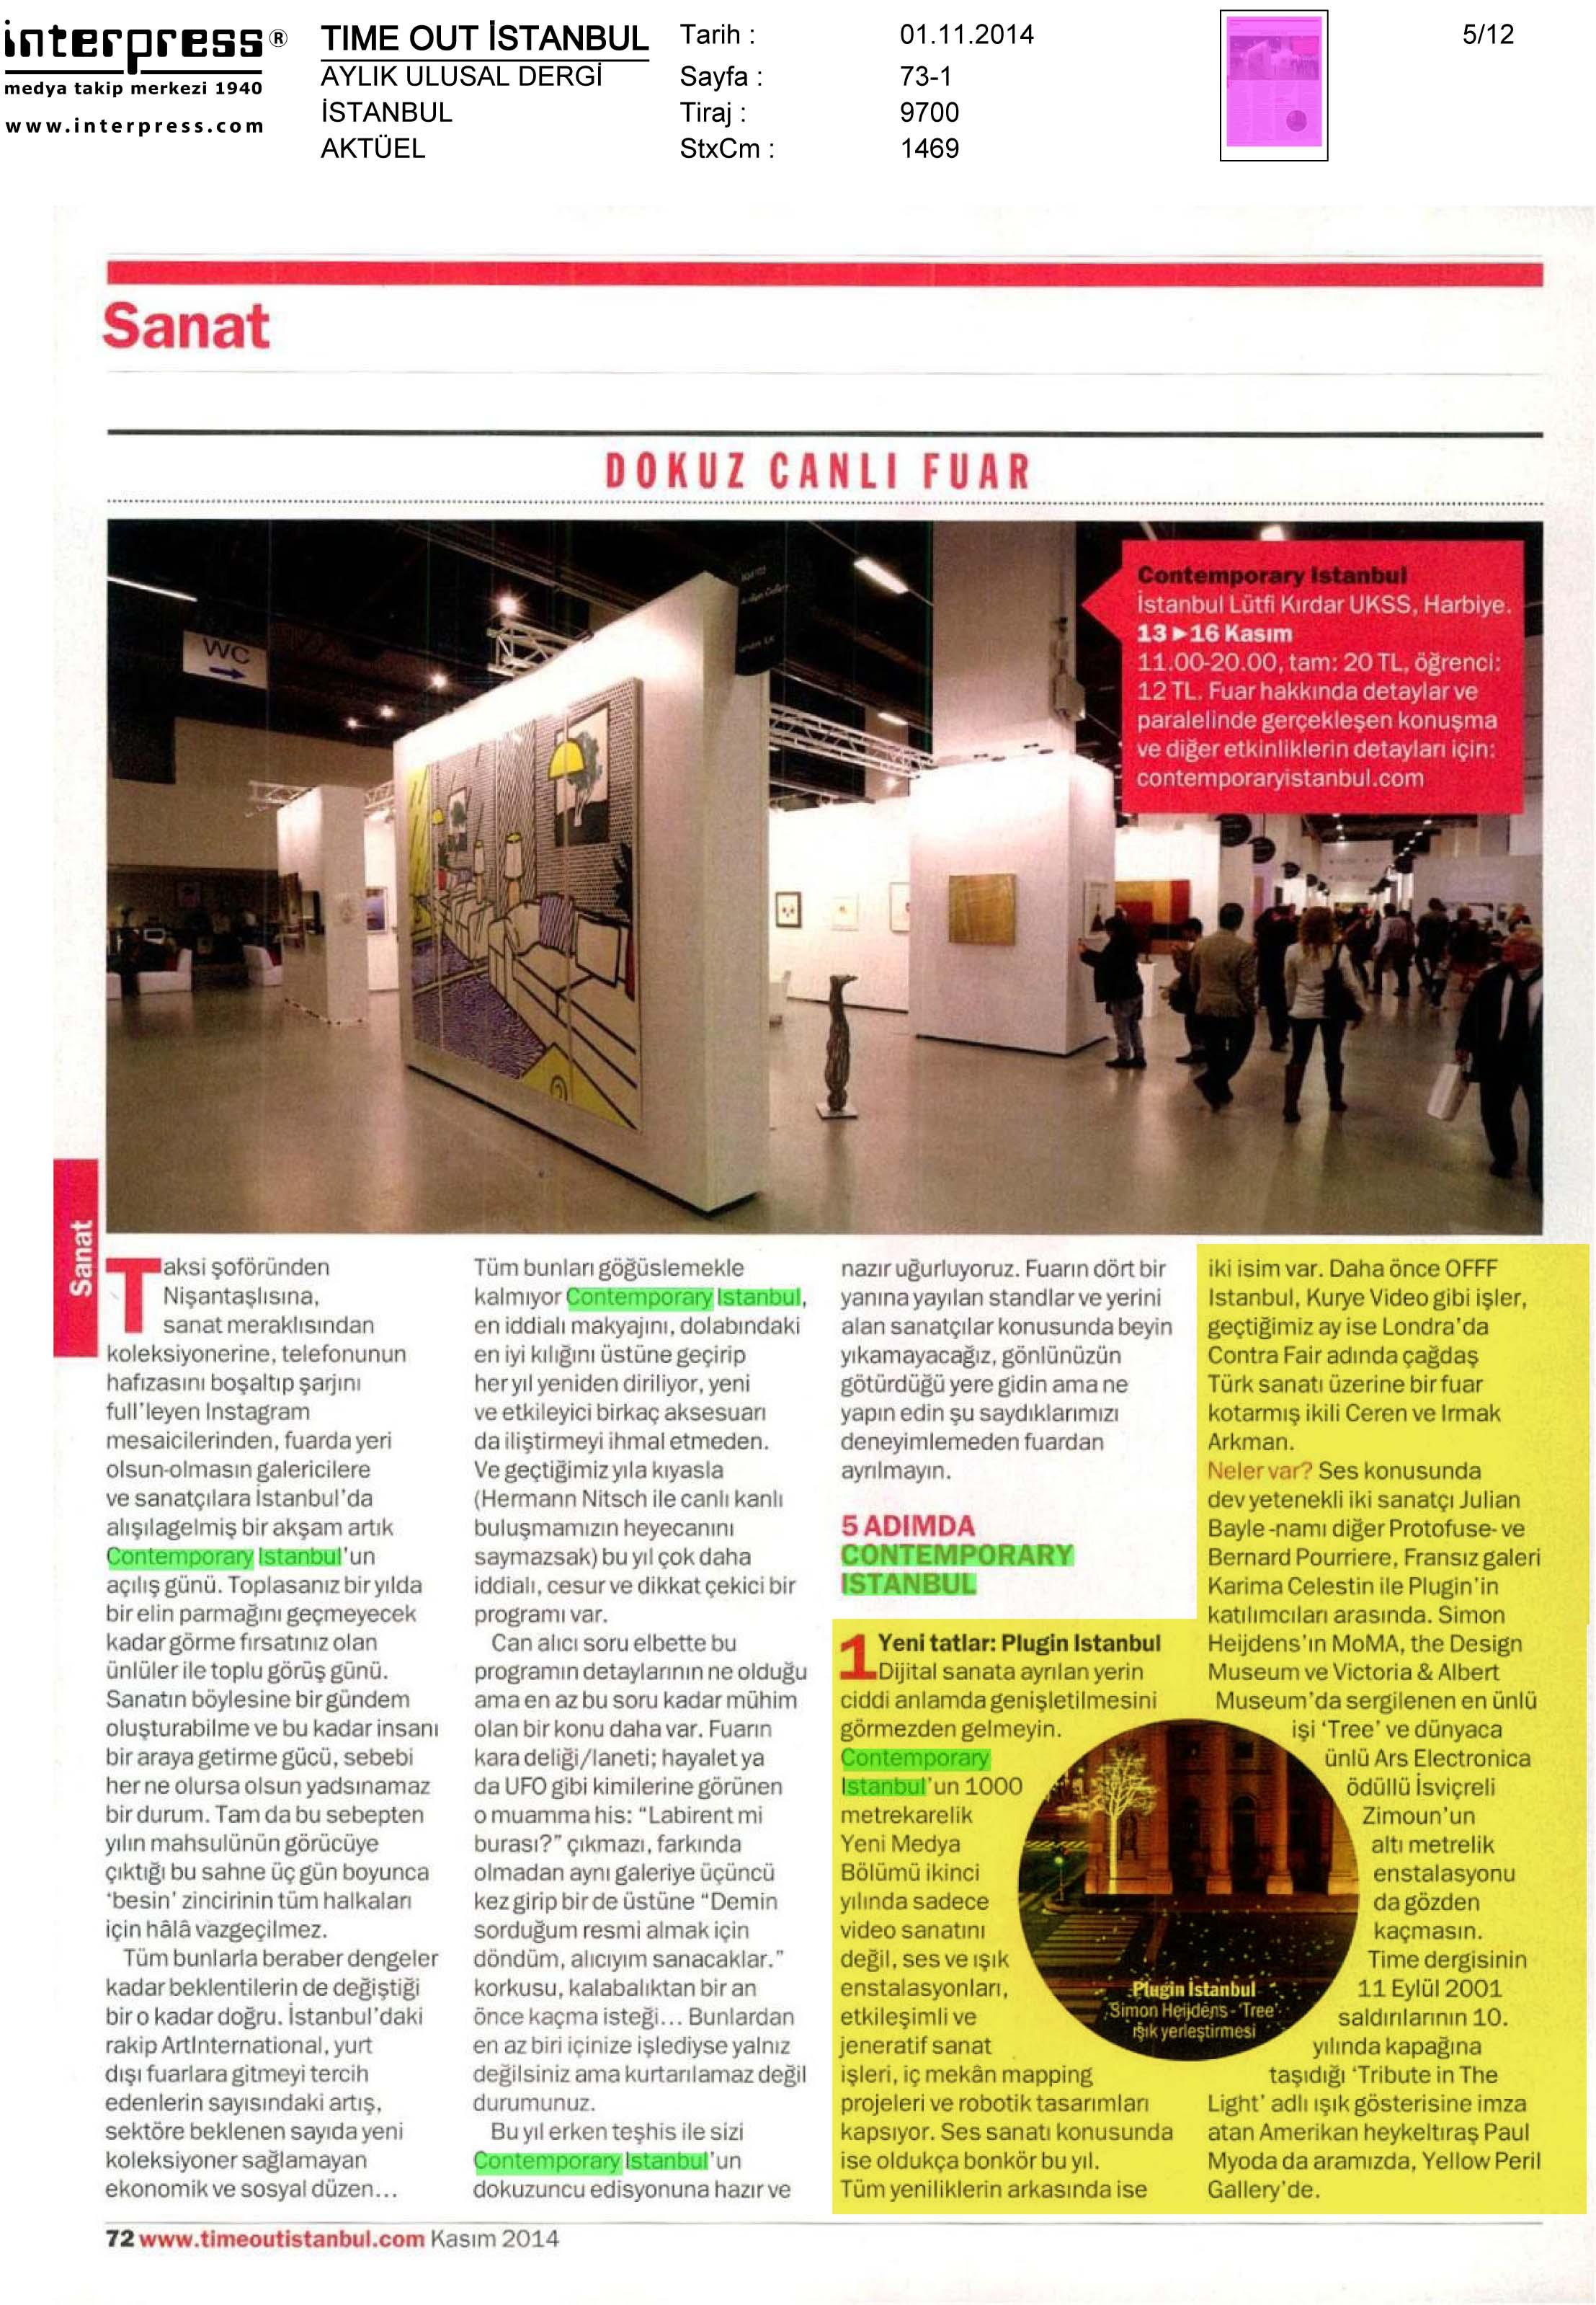 Time Out Istanbul - Aylık Ulusal Dergi -2- 03-11-1.jpg